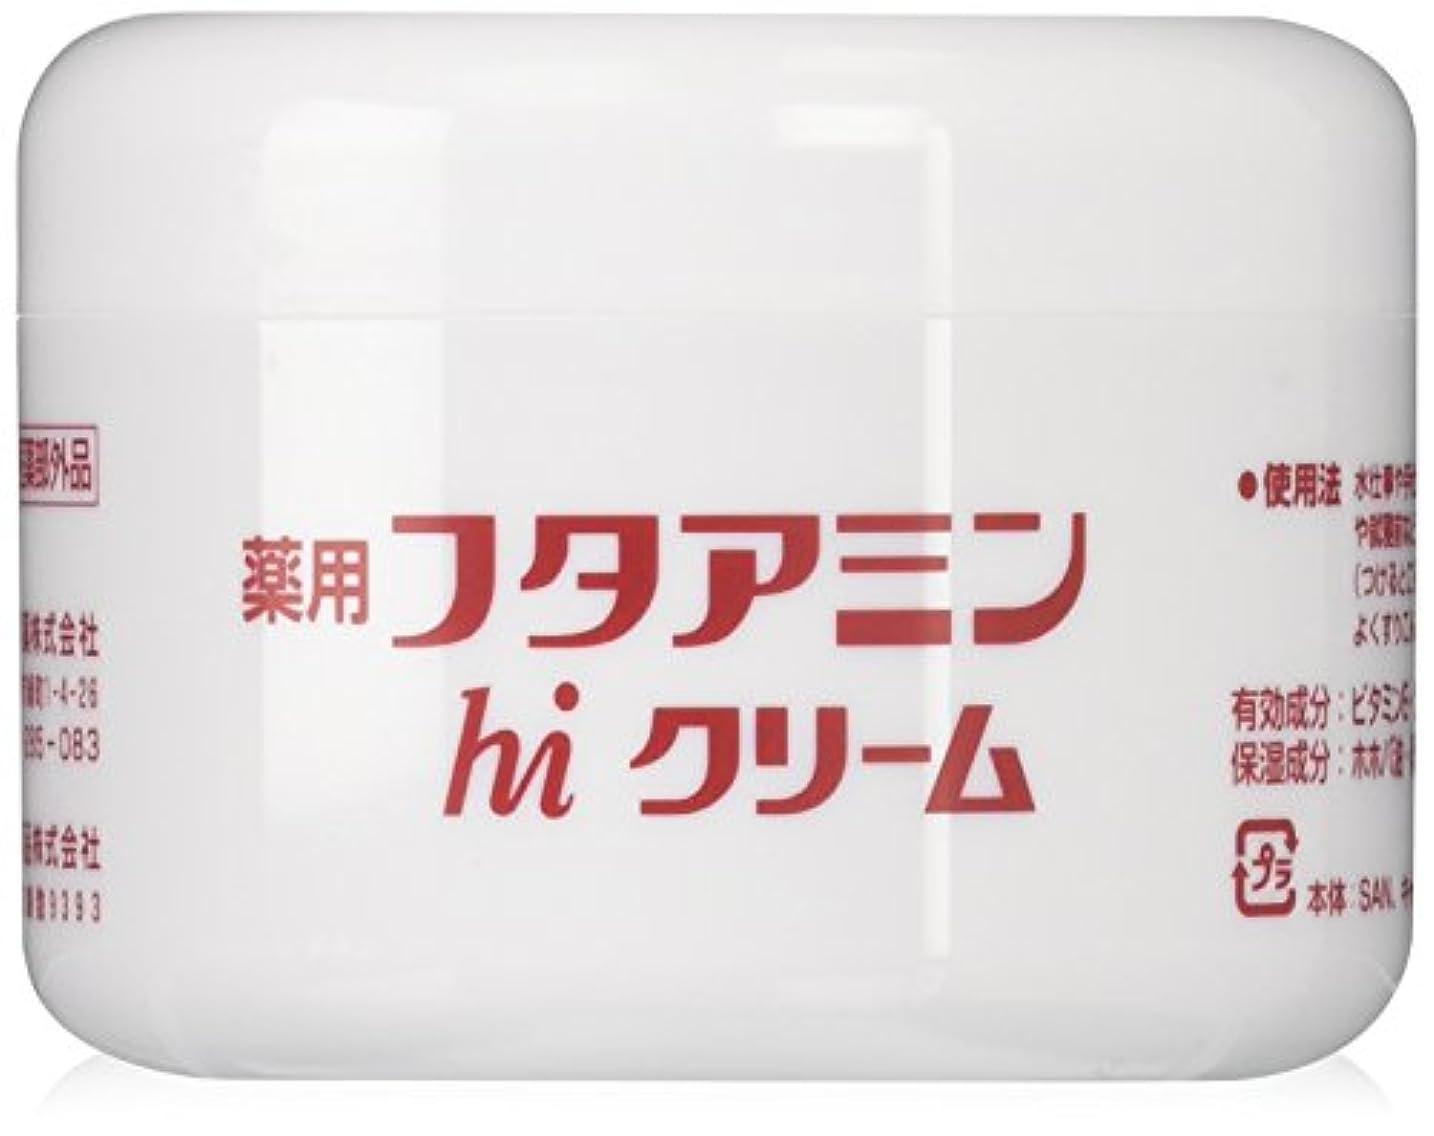 カリング自動車櫛薬用 フタアミンhiクリーム 130g  3個セット